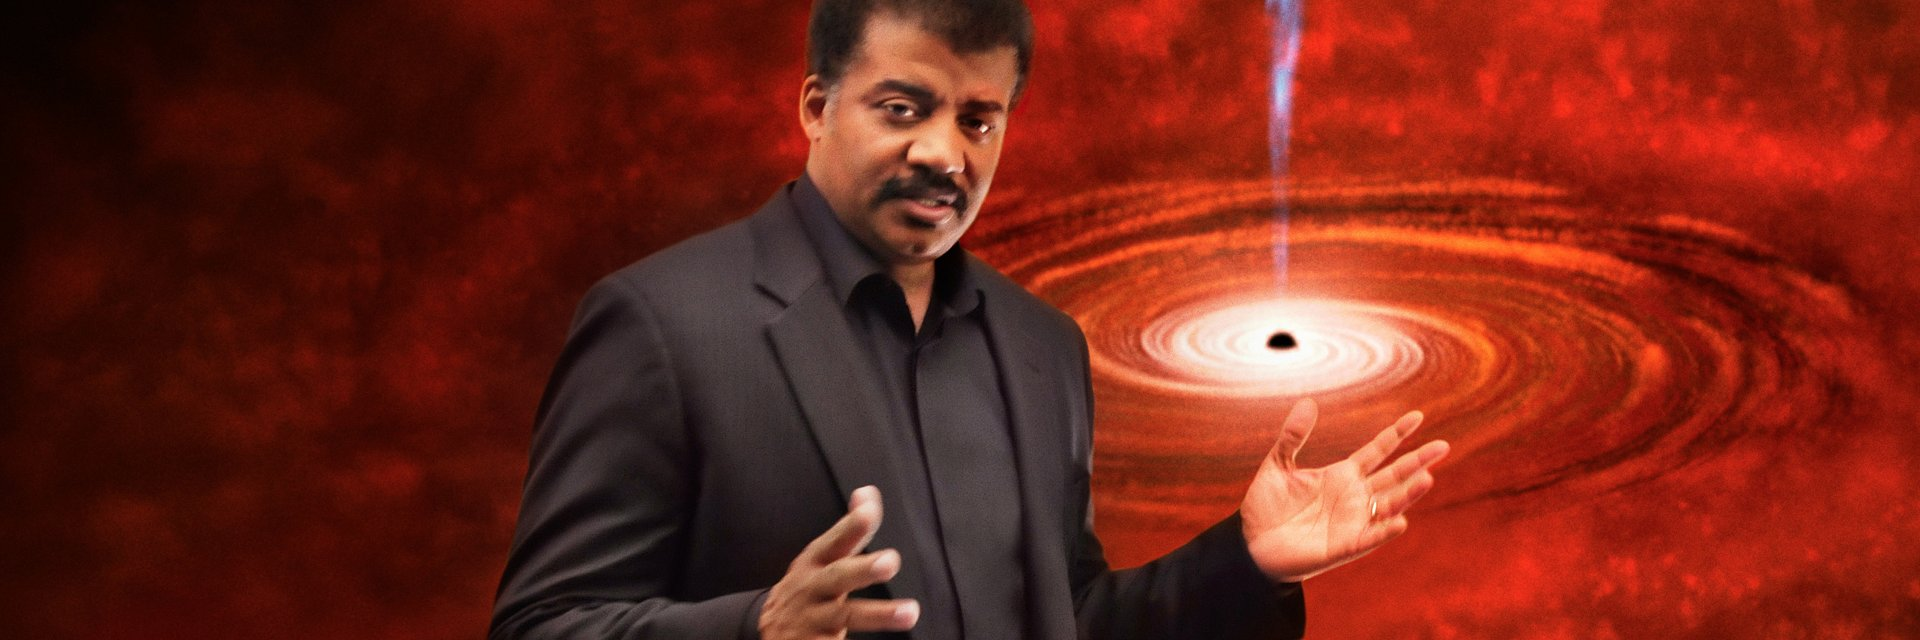 """Neil deGrasse Tyson i hitowy serial """"Kosmos"""" w marcu znów na kanale National Geographic"""